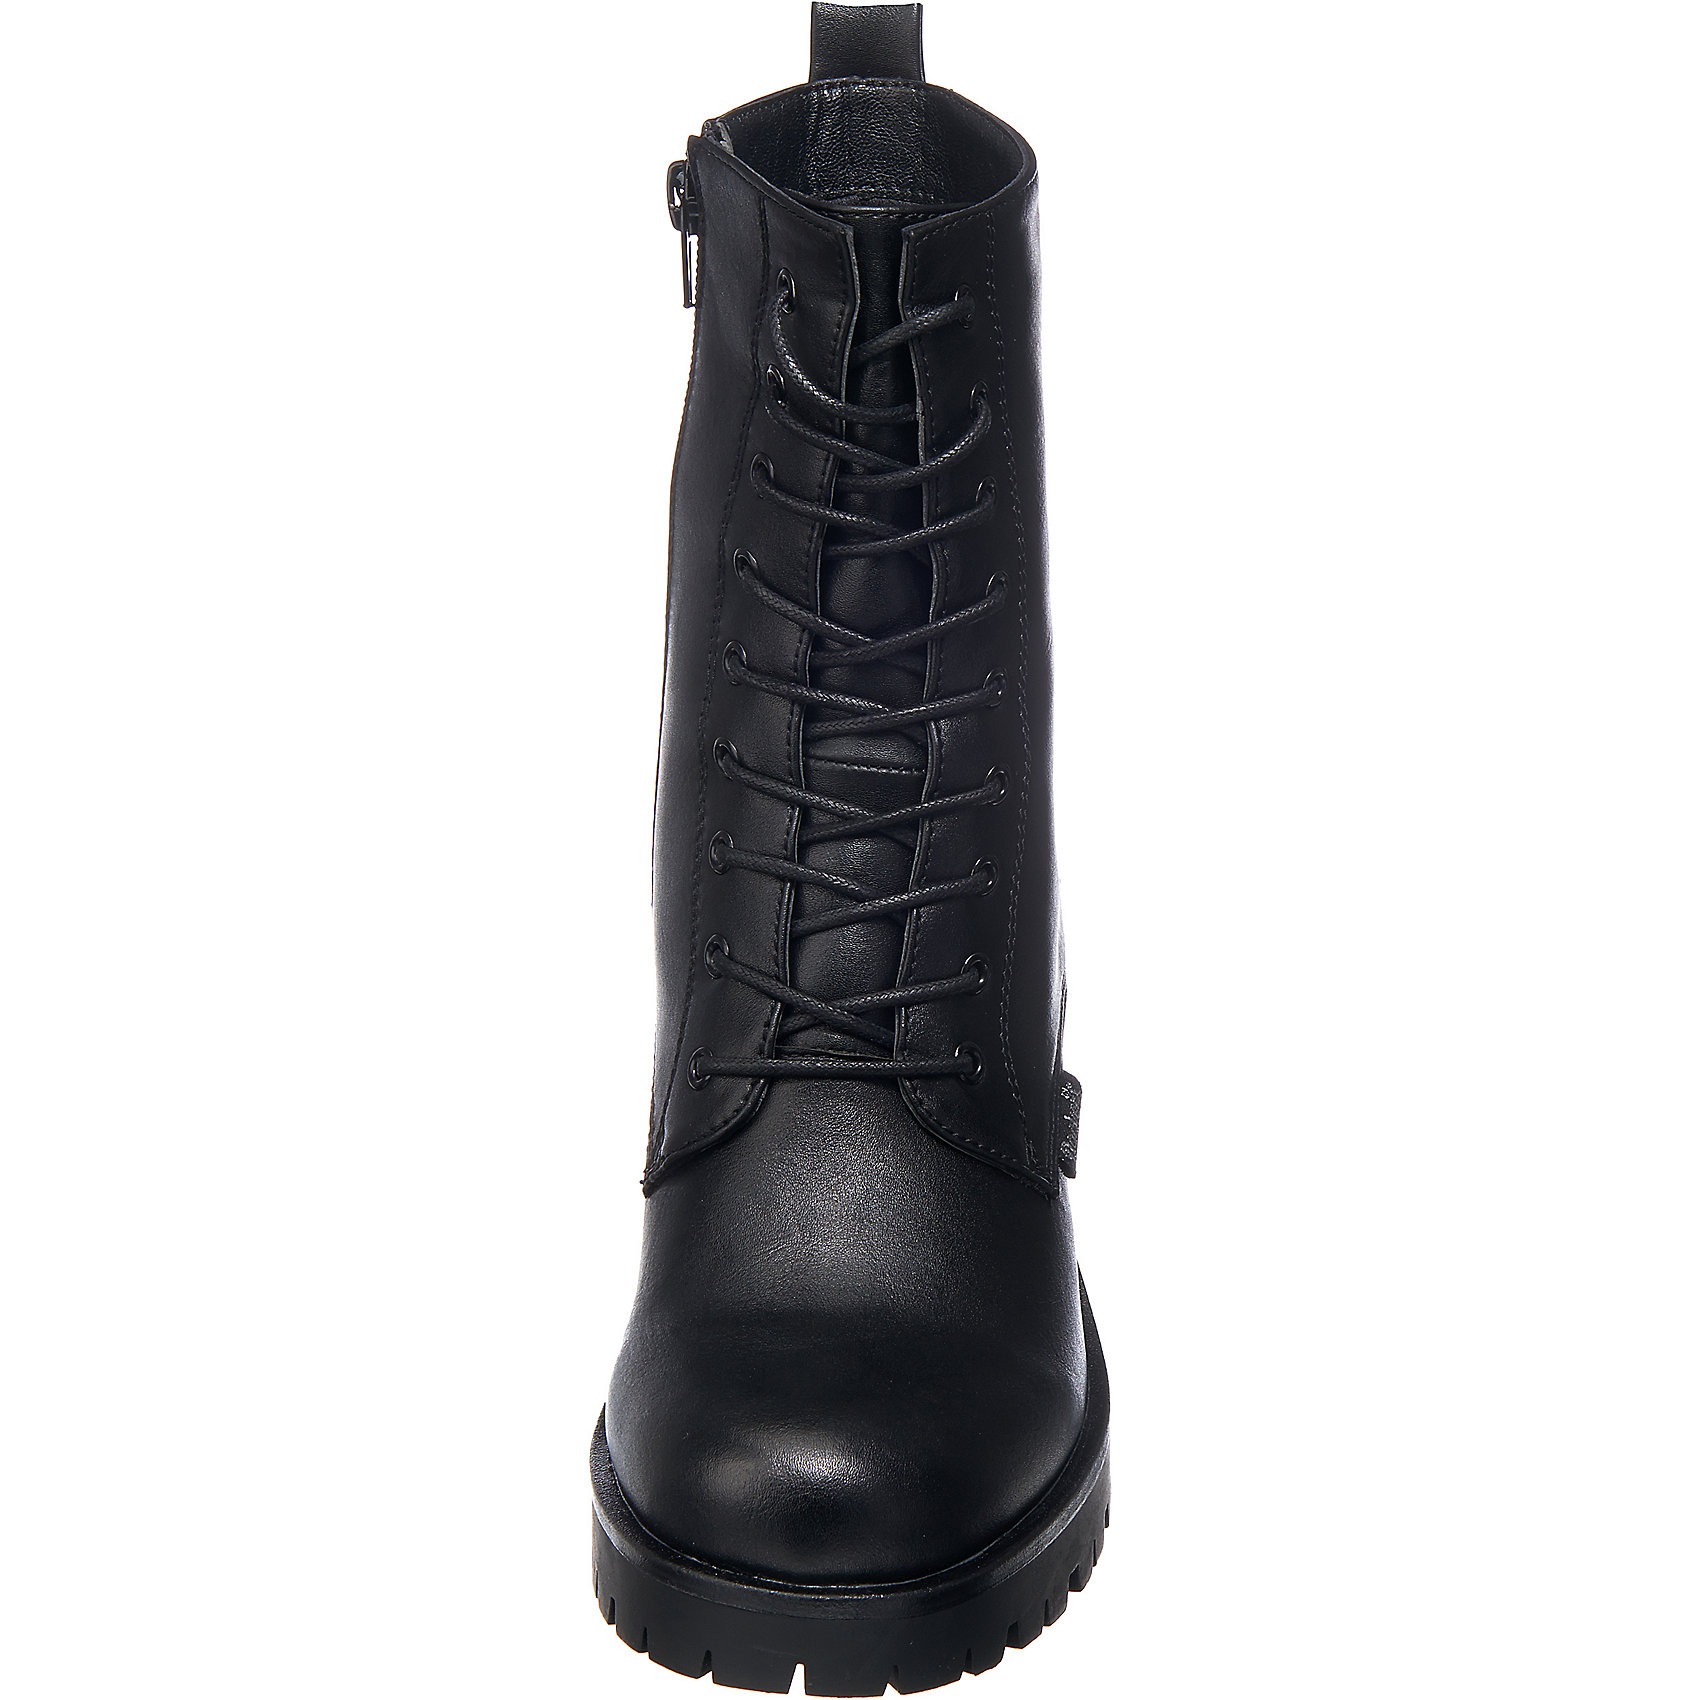 Neu Dockers by Gerli 37CE201-610100 Stiefel schwarz 5748013